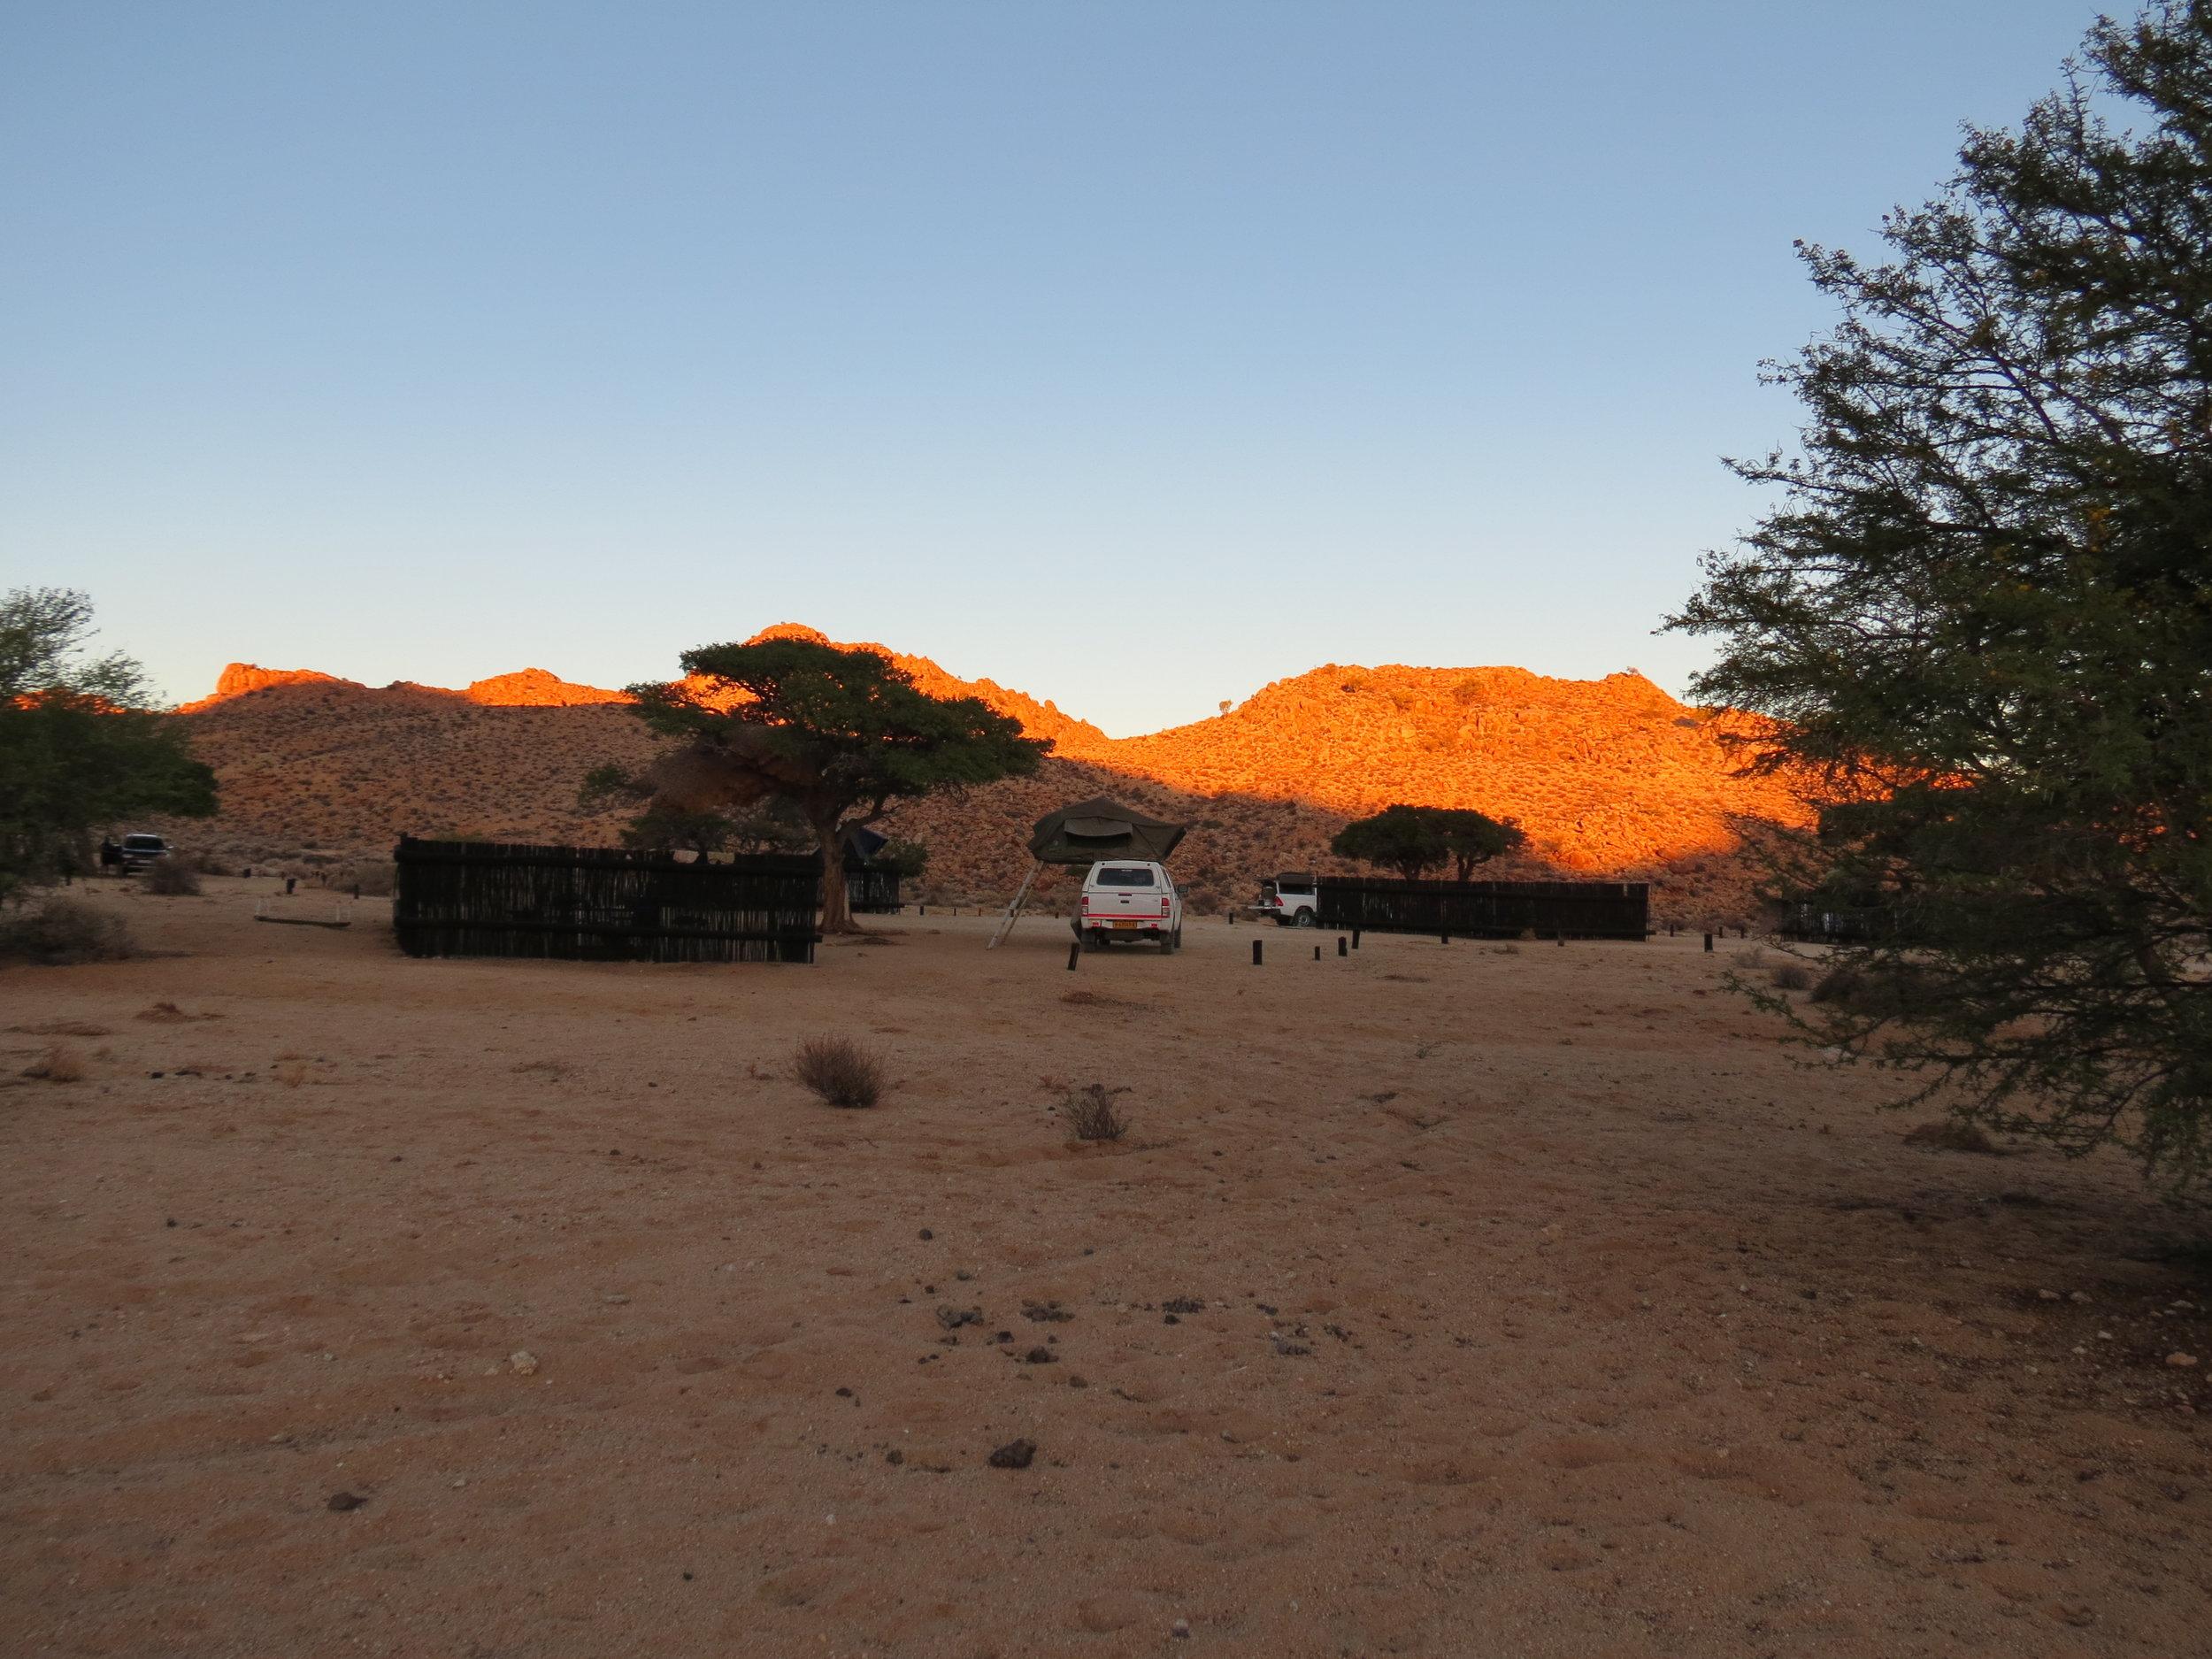 Klein-Aus viewpoint campsite